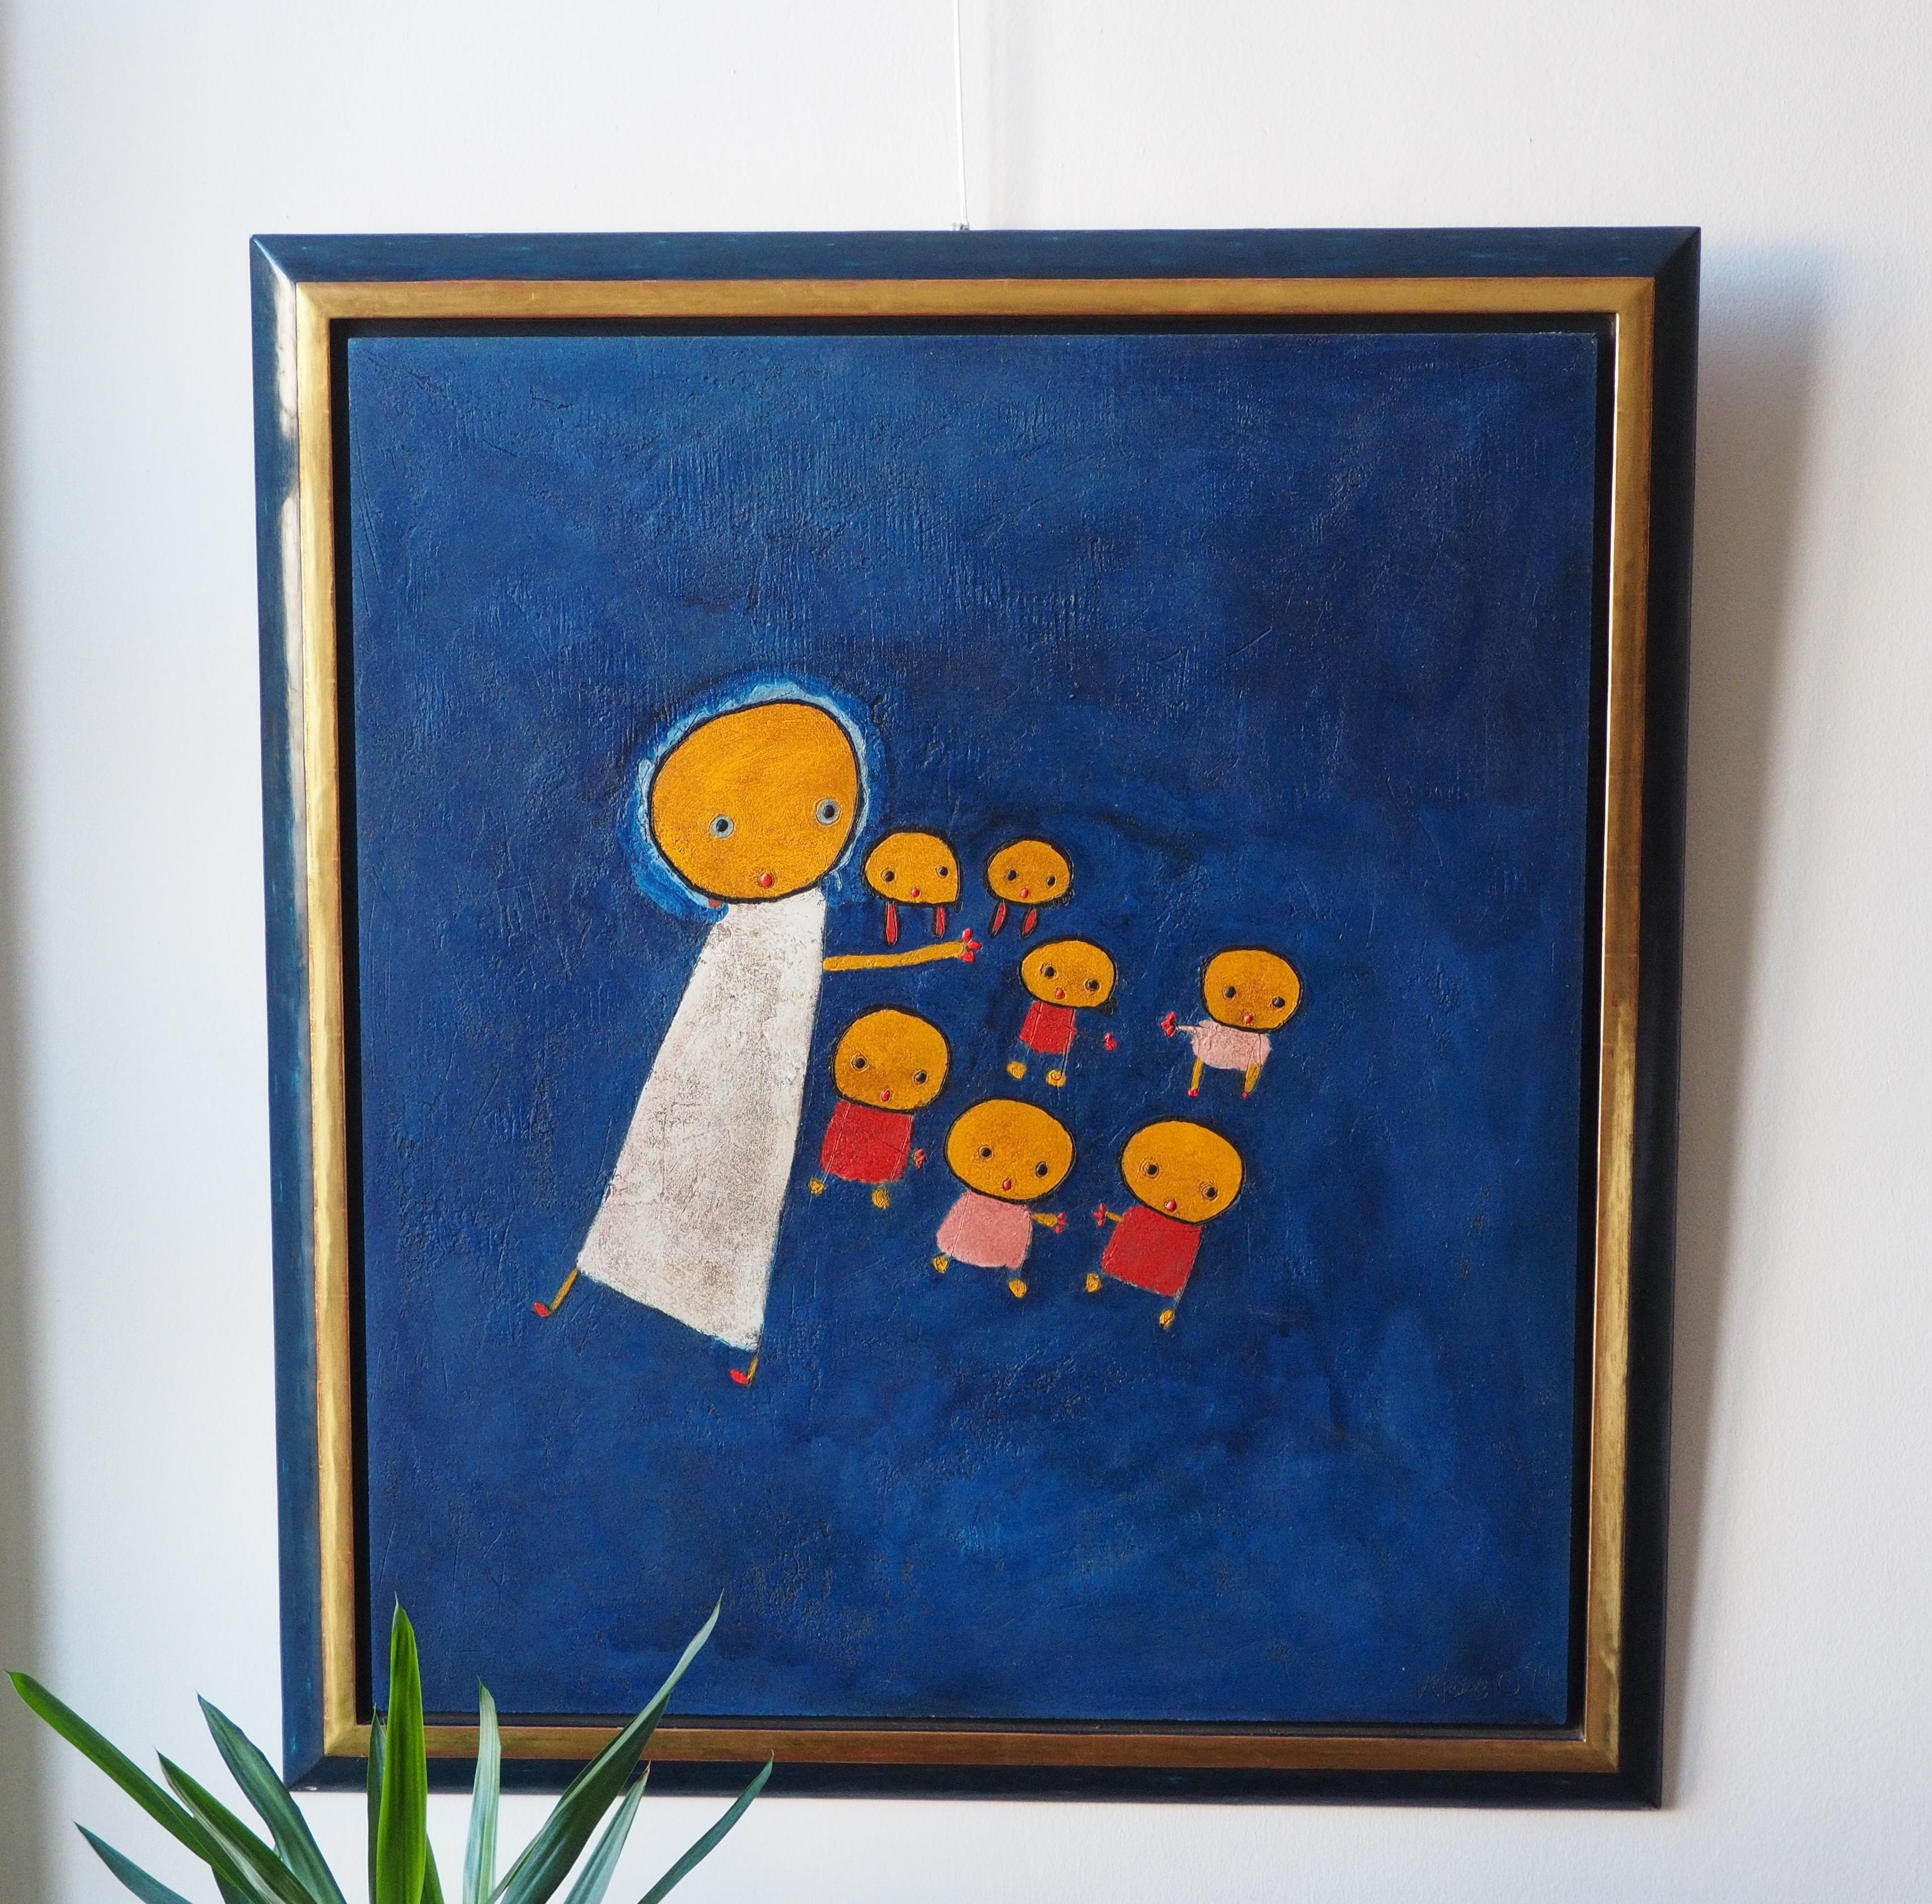 Kostenlose foto : blau, Stillleben, Material, Kunstwerk, Malerei ...